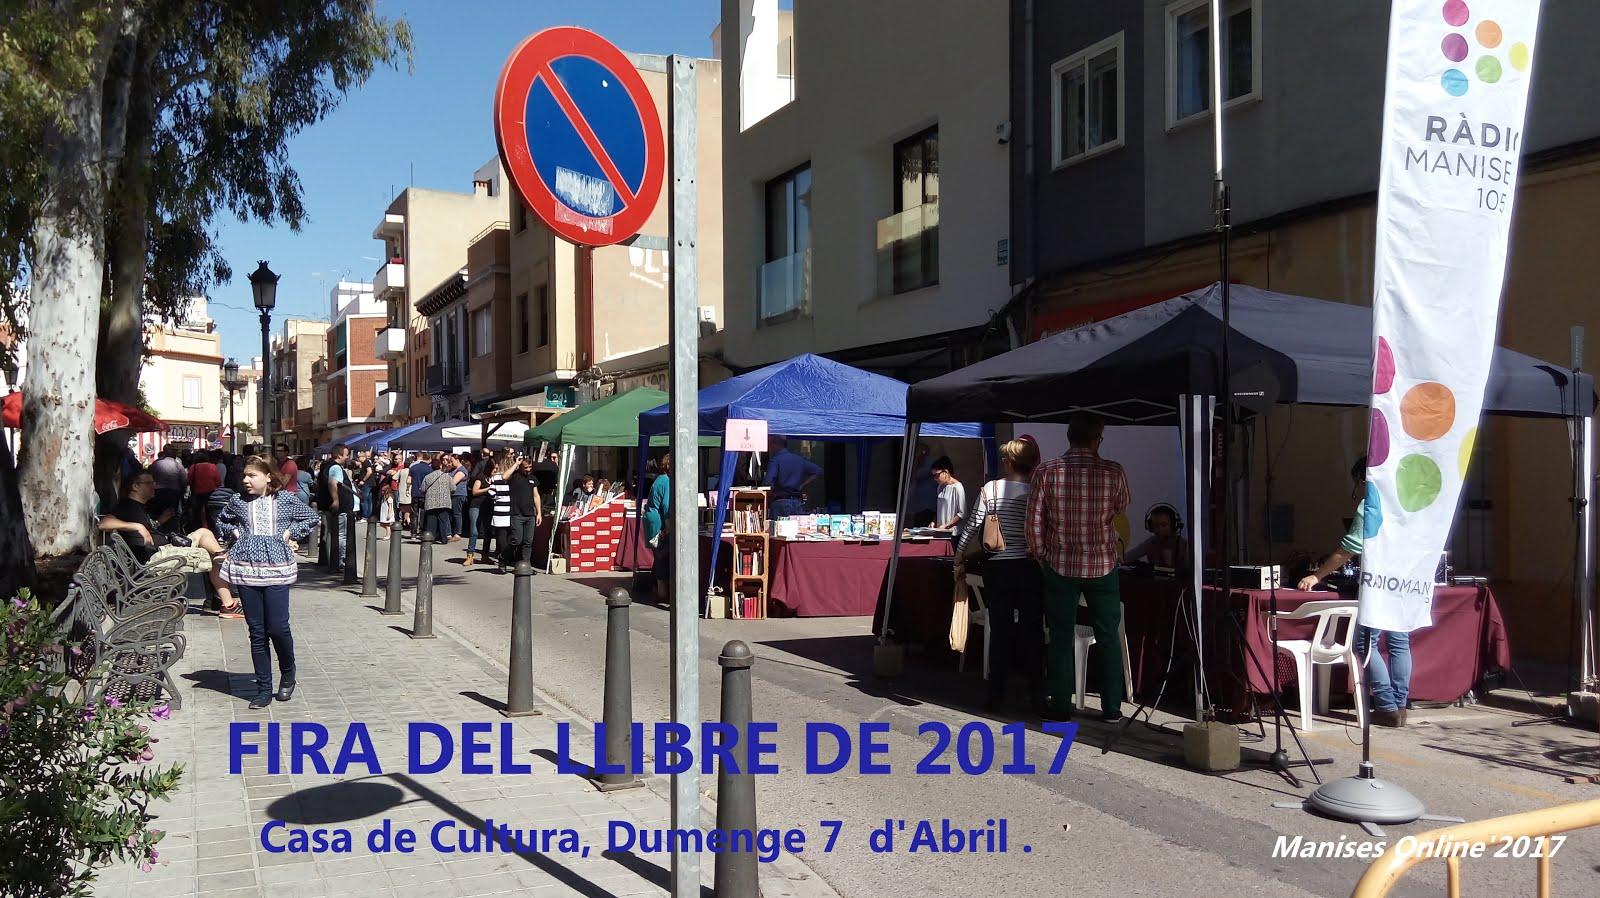 07.05.17 FIRA DEL LLIBRE DE MANISES EN LA C D CULTURA